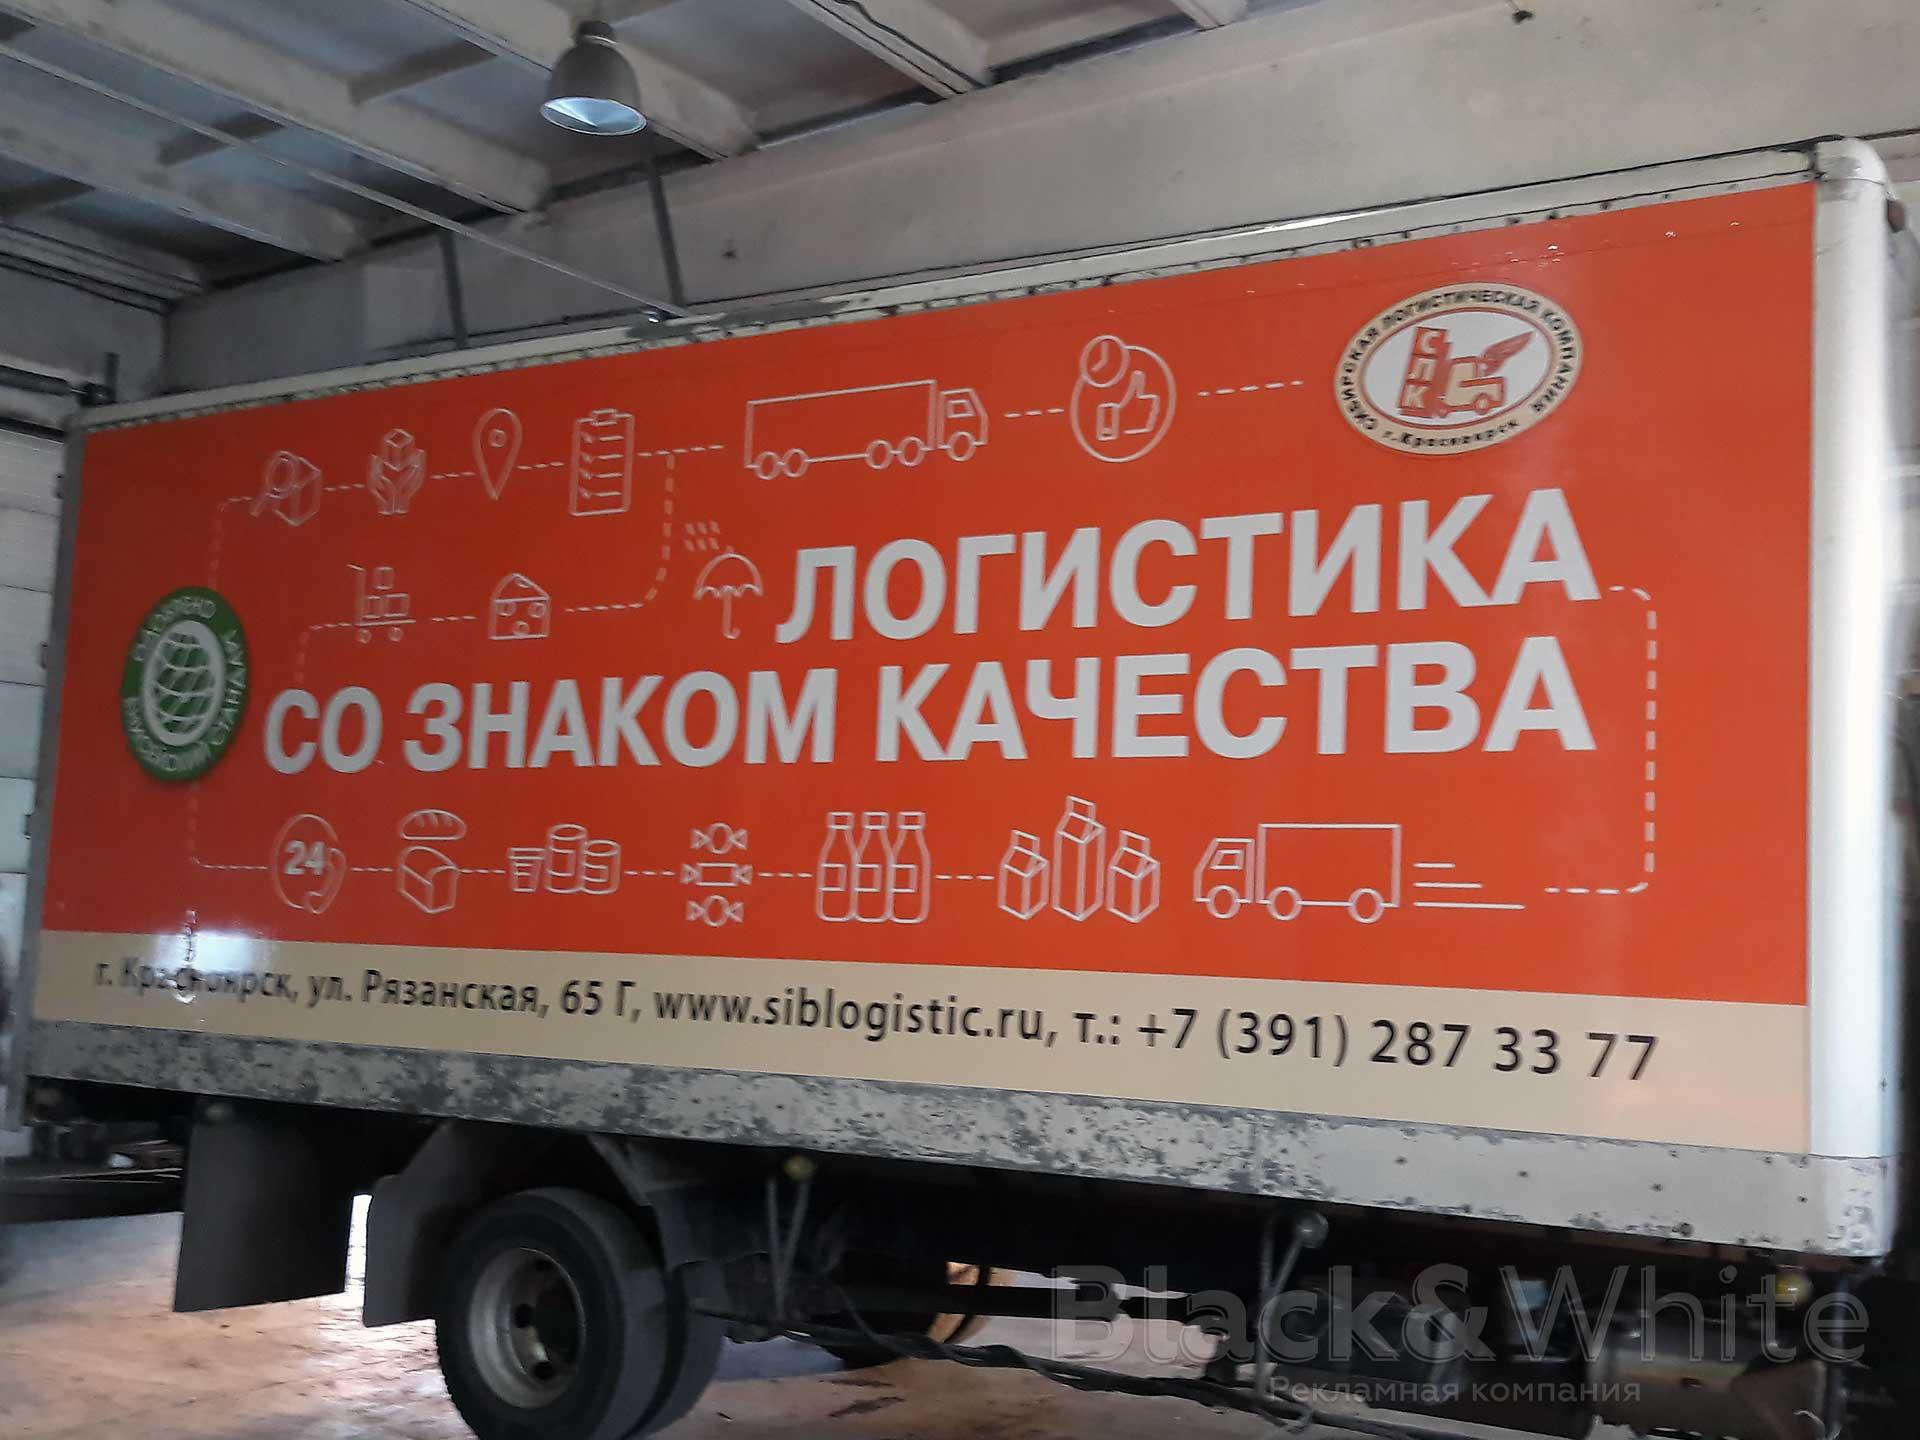 Брендирование-грузовых-автомобилей-виниловой-плёнкой-в-красноярске-Black&White-bw-..jpg